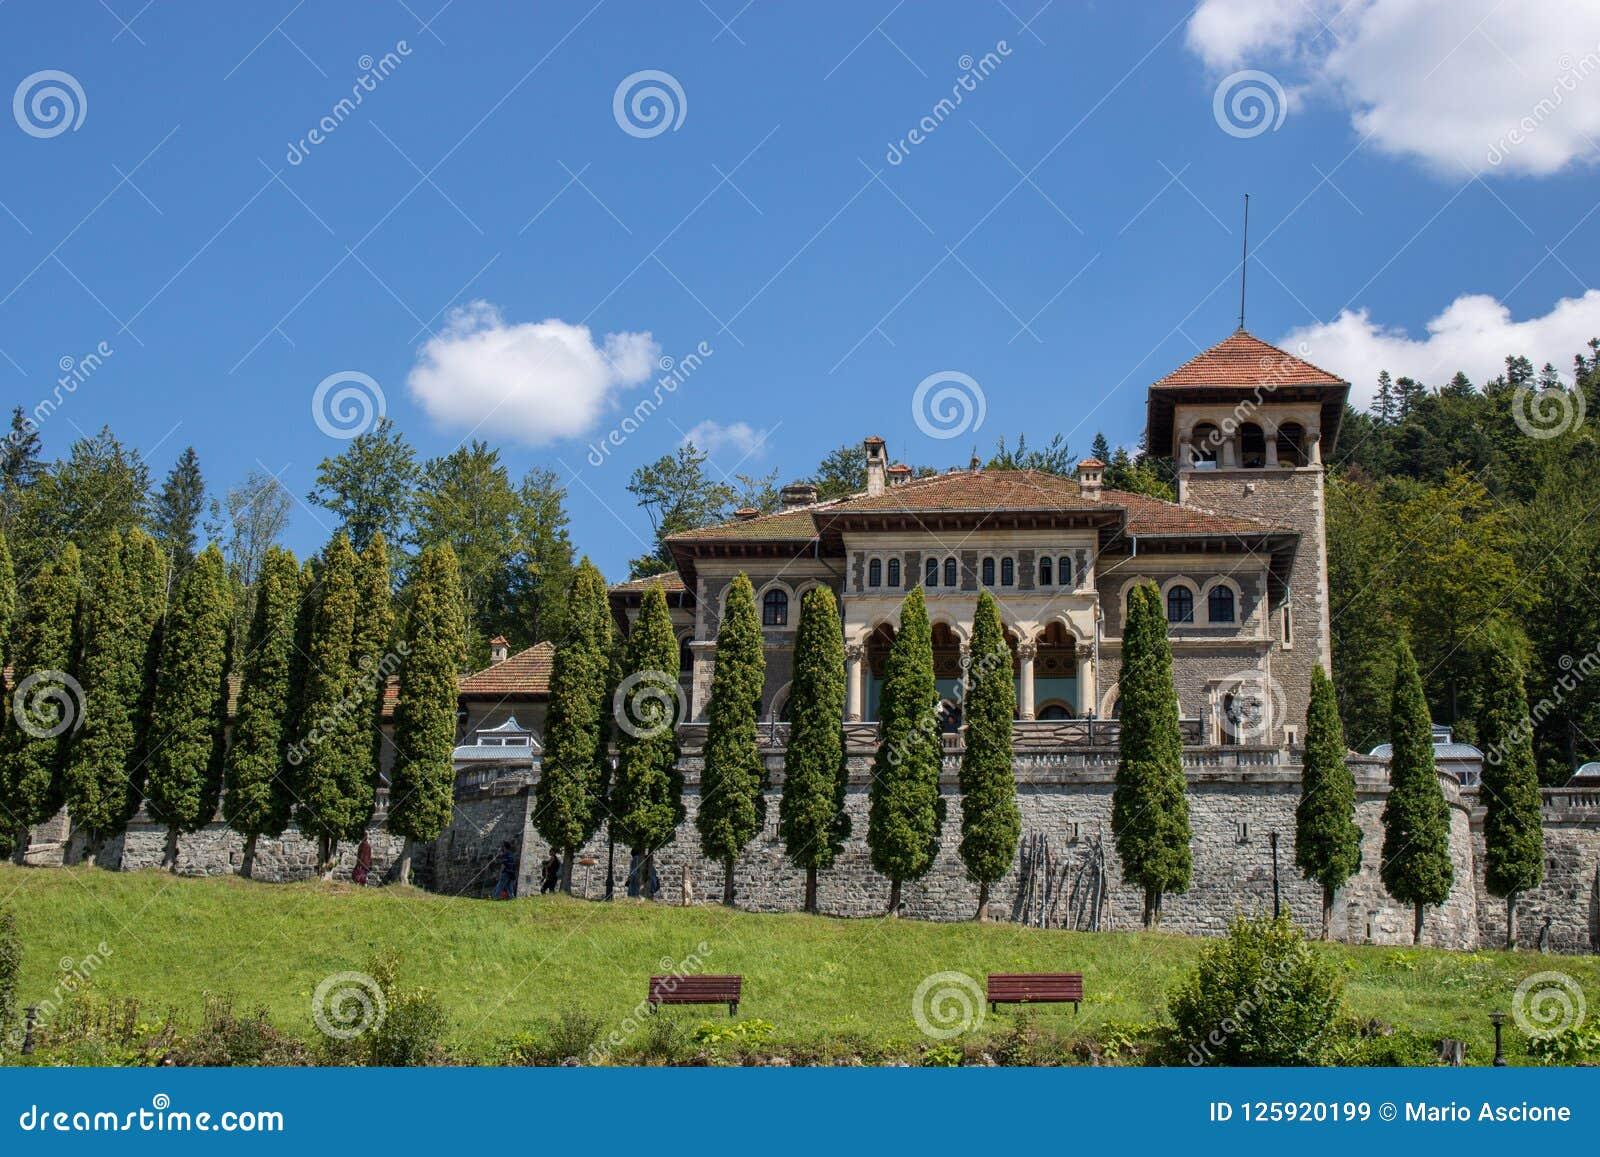 The Cantacuzino Castle.